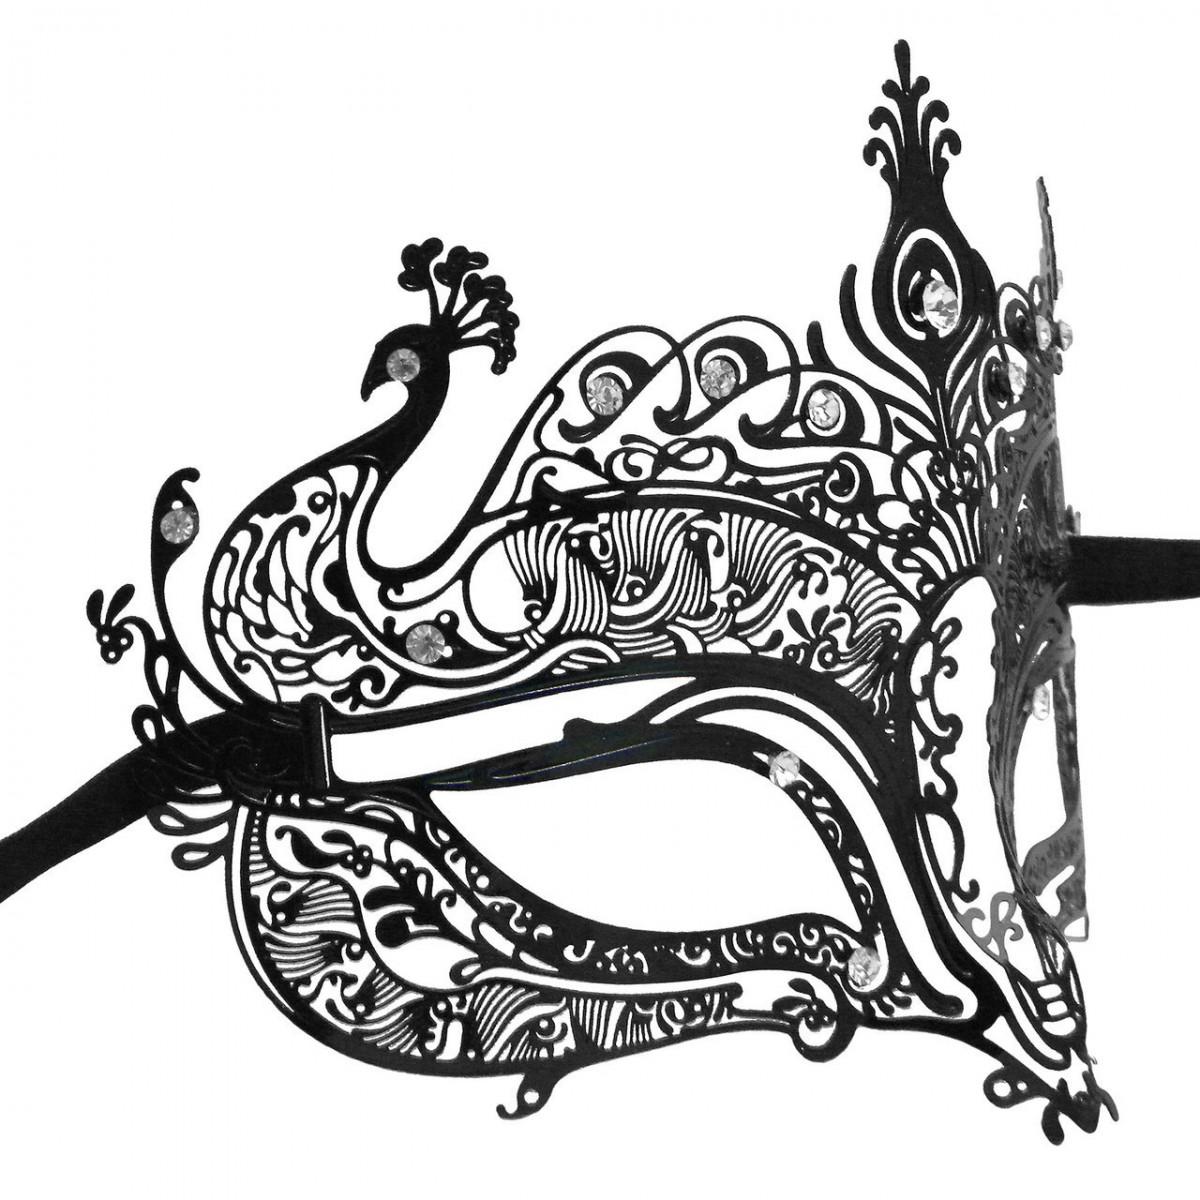 1200x1200 Venetian Mask In London For Her Peacock Filigree Swarovski Crystal